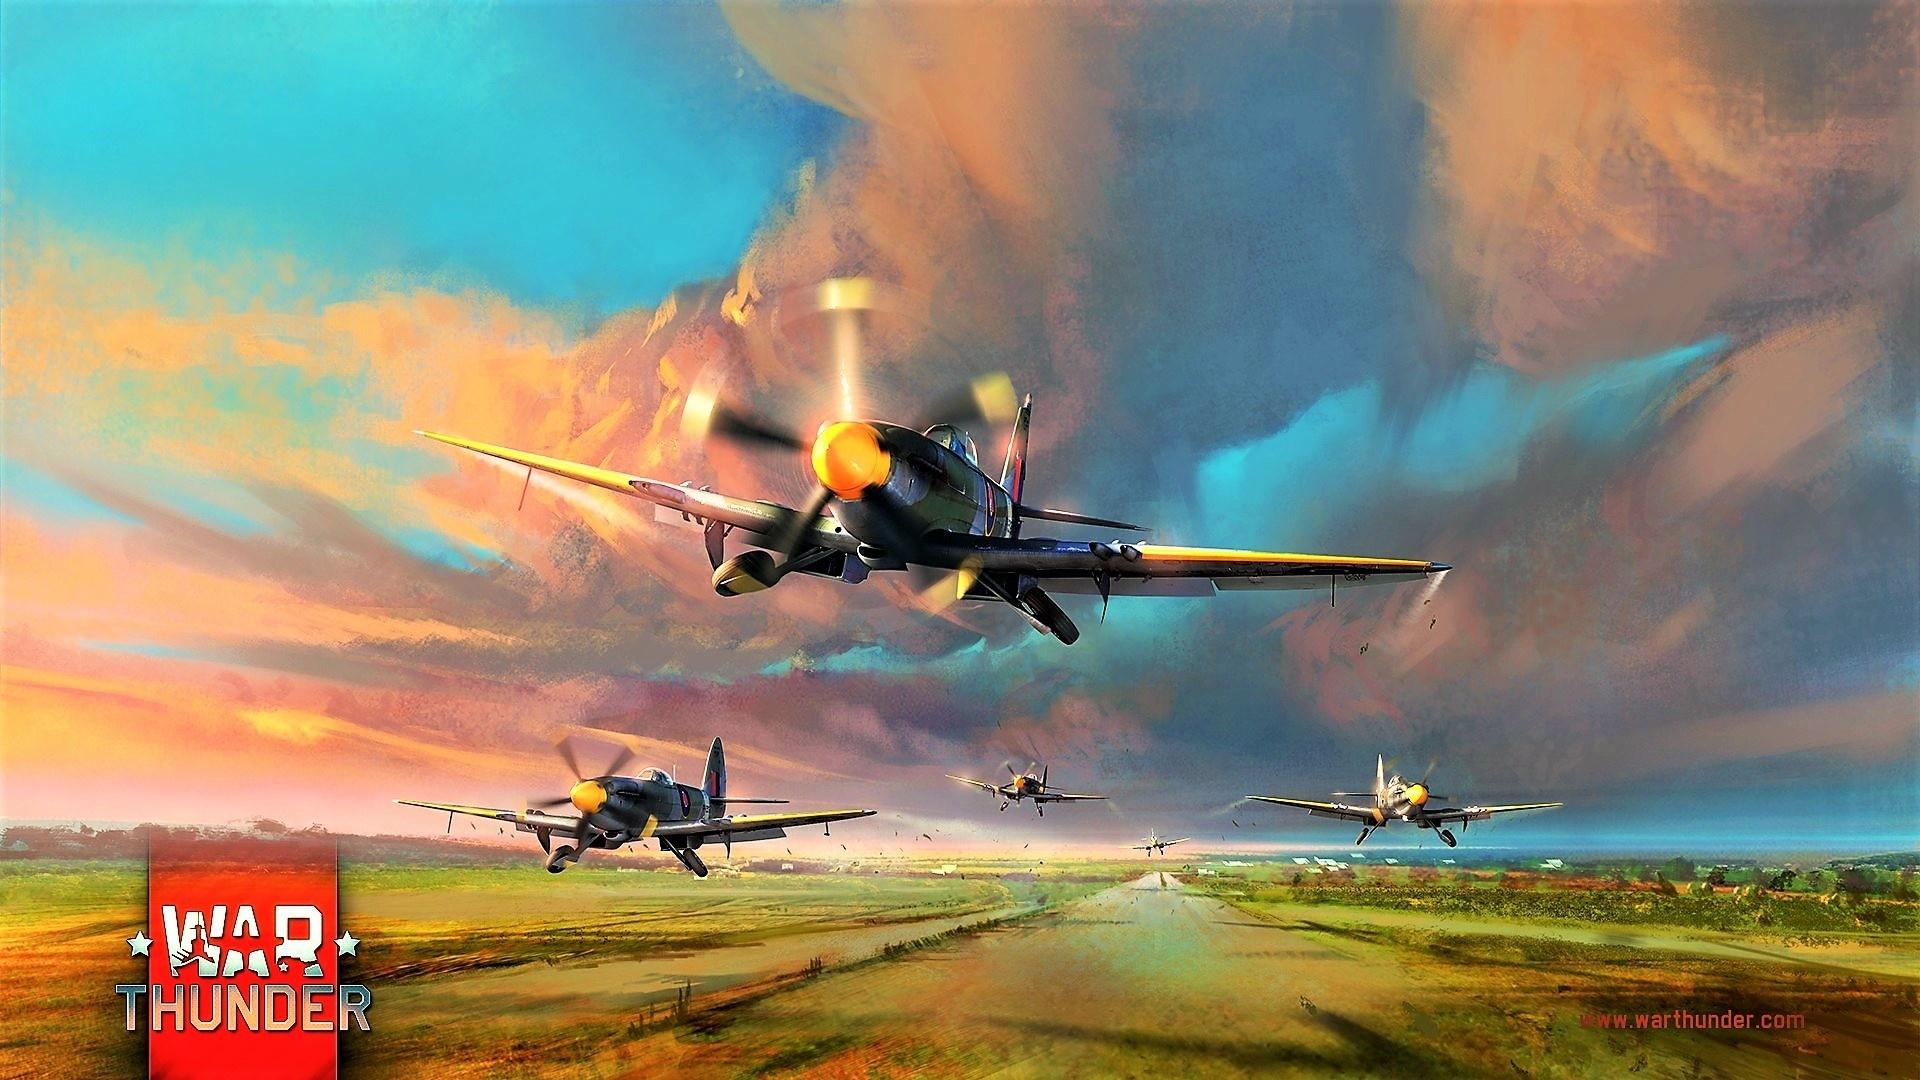 Картинка с танком и самолетом